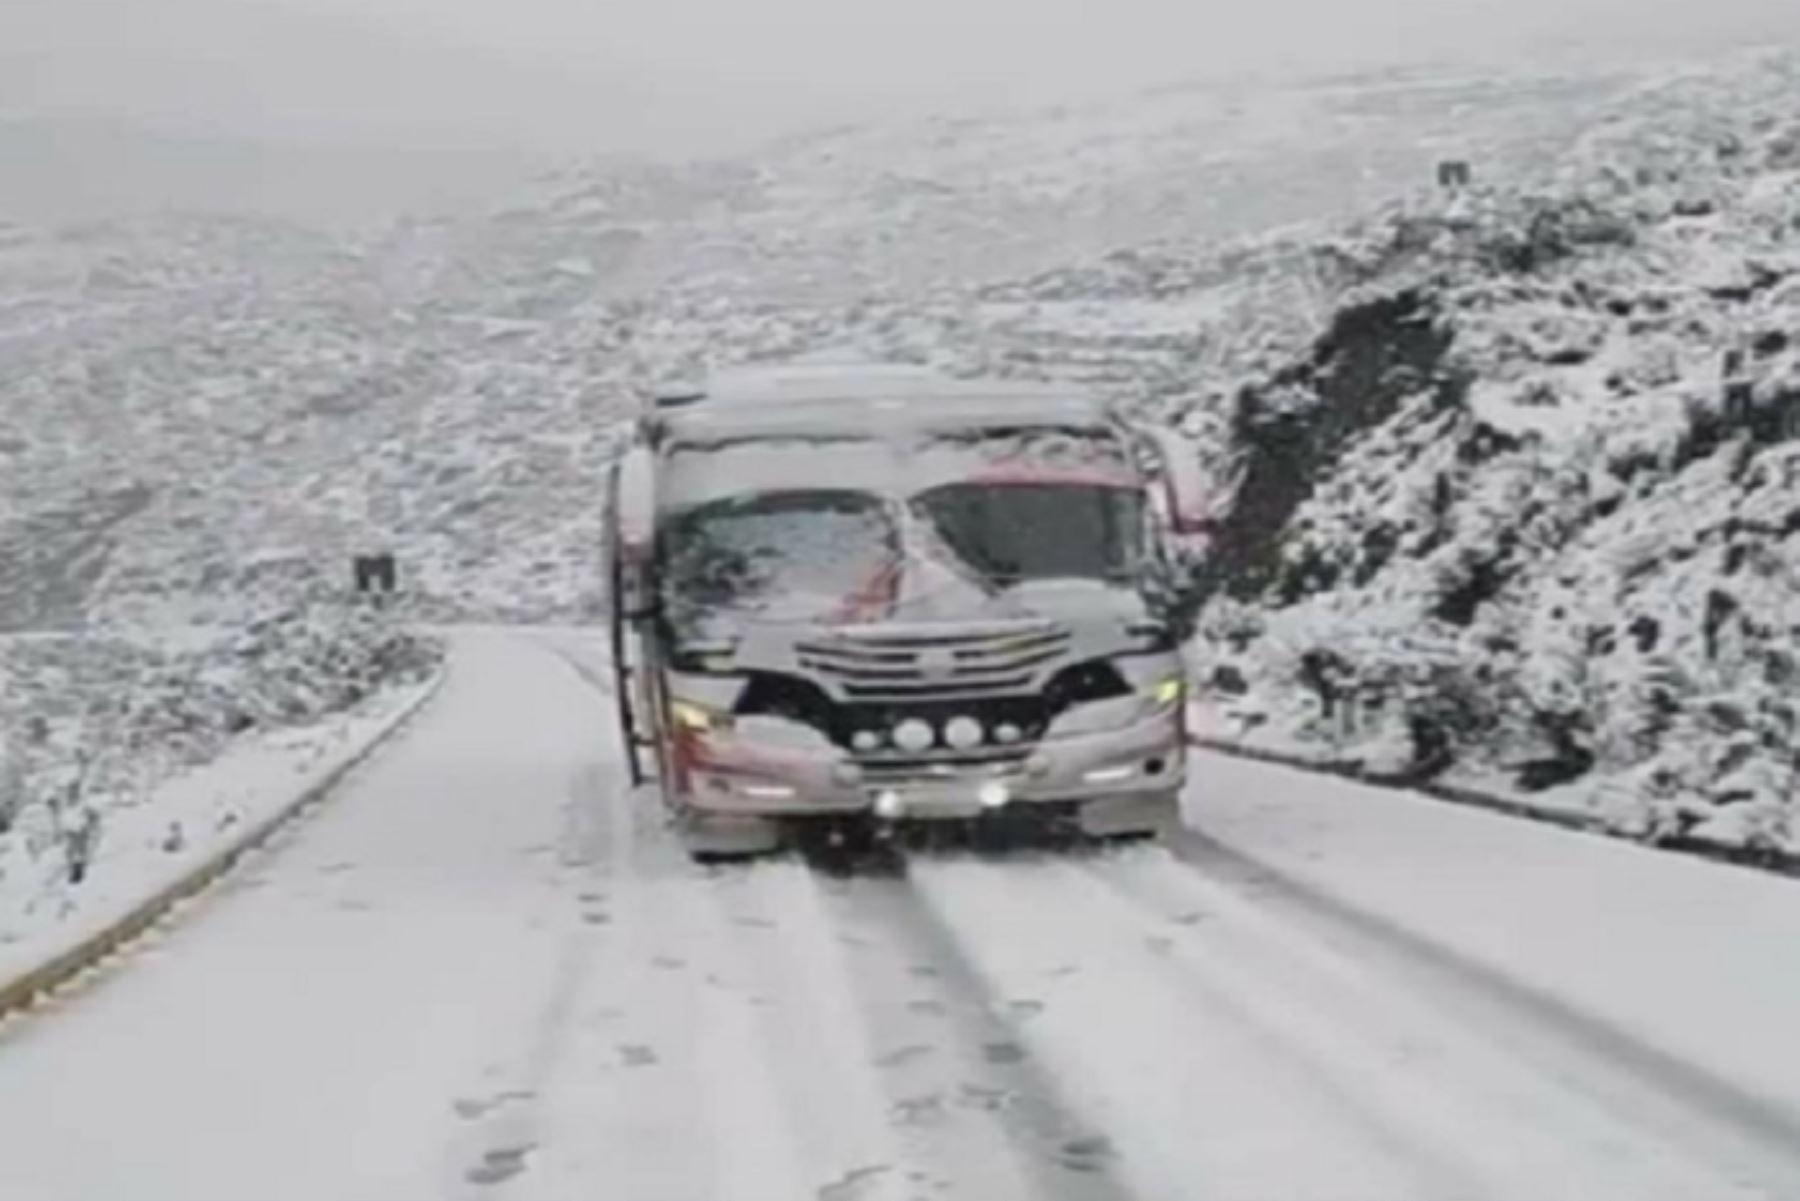 El COER insta a los conductores que transitarán por esta zona a tomar las medidas del caso para evitar accidentes que lamentar.